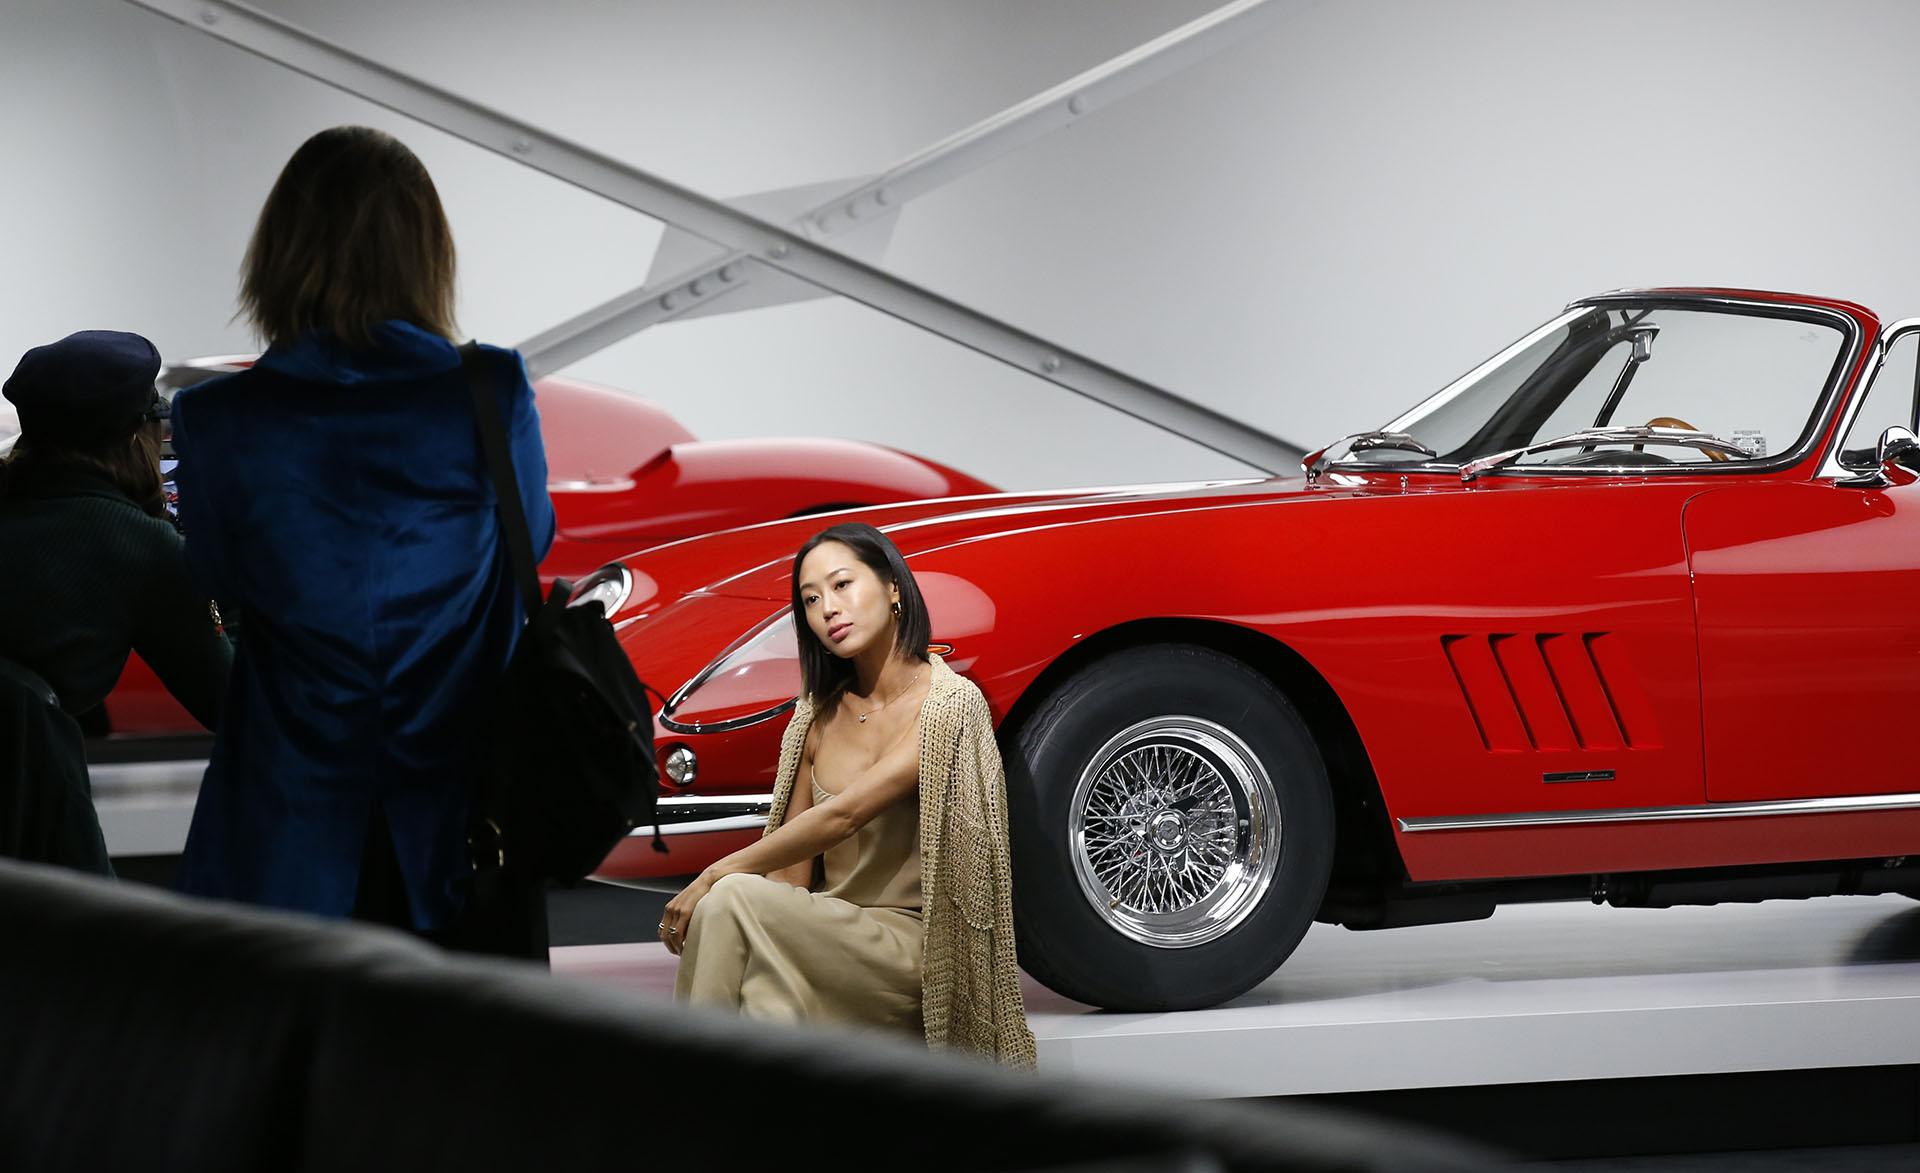 Los invitados de lujo no perdieron la oportunidad para fotografiarse junto a las joyas automovilísticas (AP Photo/Kathy Willens)